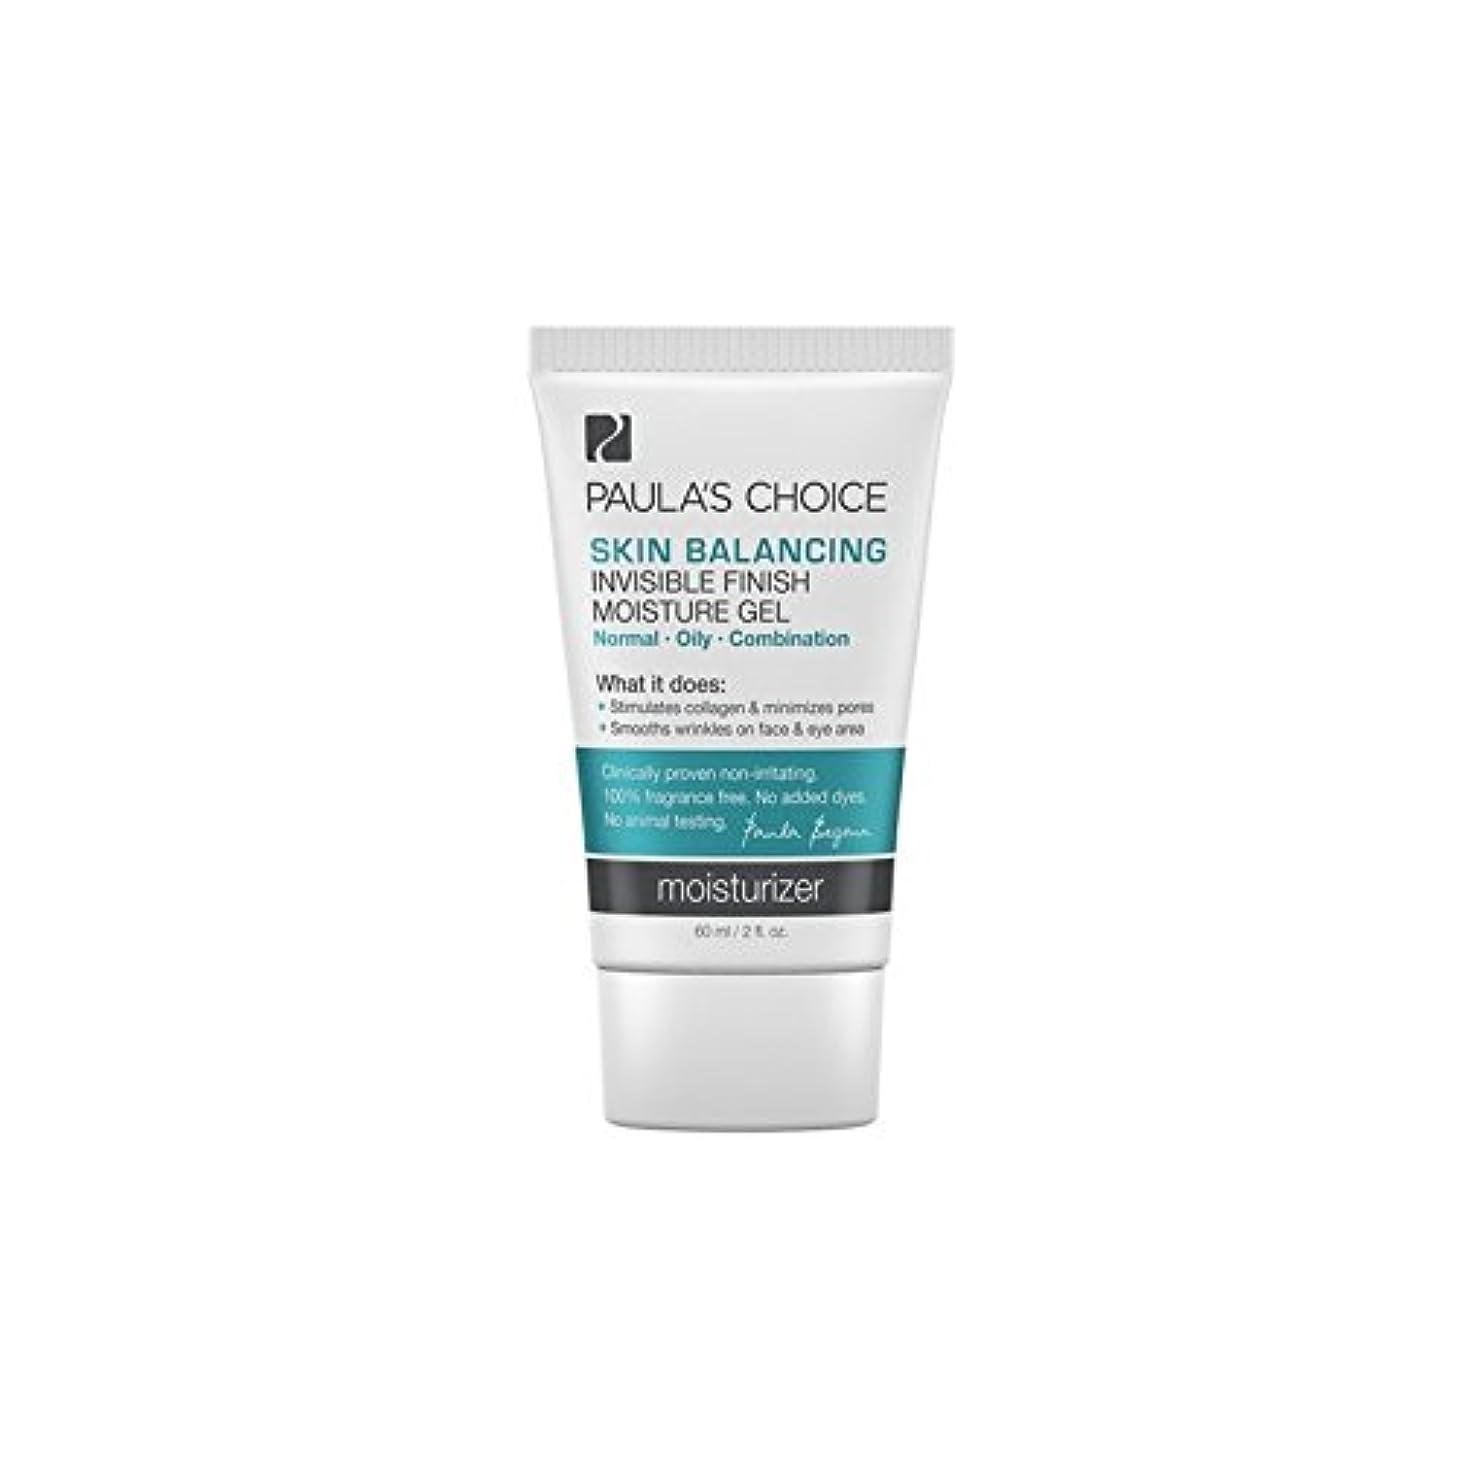 少年希望に満ちたアレイポーラチョイスの肌のバランス目に見えない仕上がり水分ゲル(60ミリリットル) x4 - Paula's Choice Skin Balancing Invisible Finish Moisture Gel (60ml) (Pack of 4) [並行輸入品]